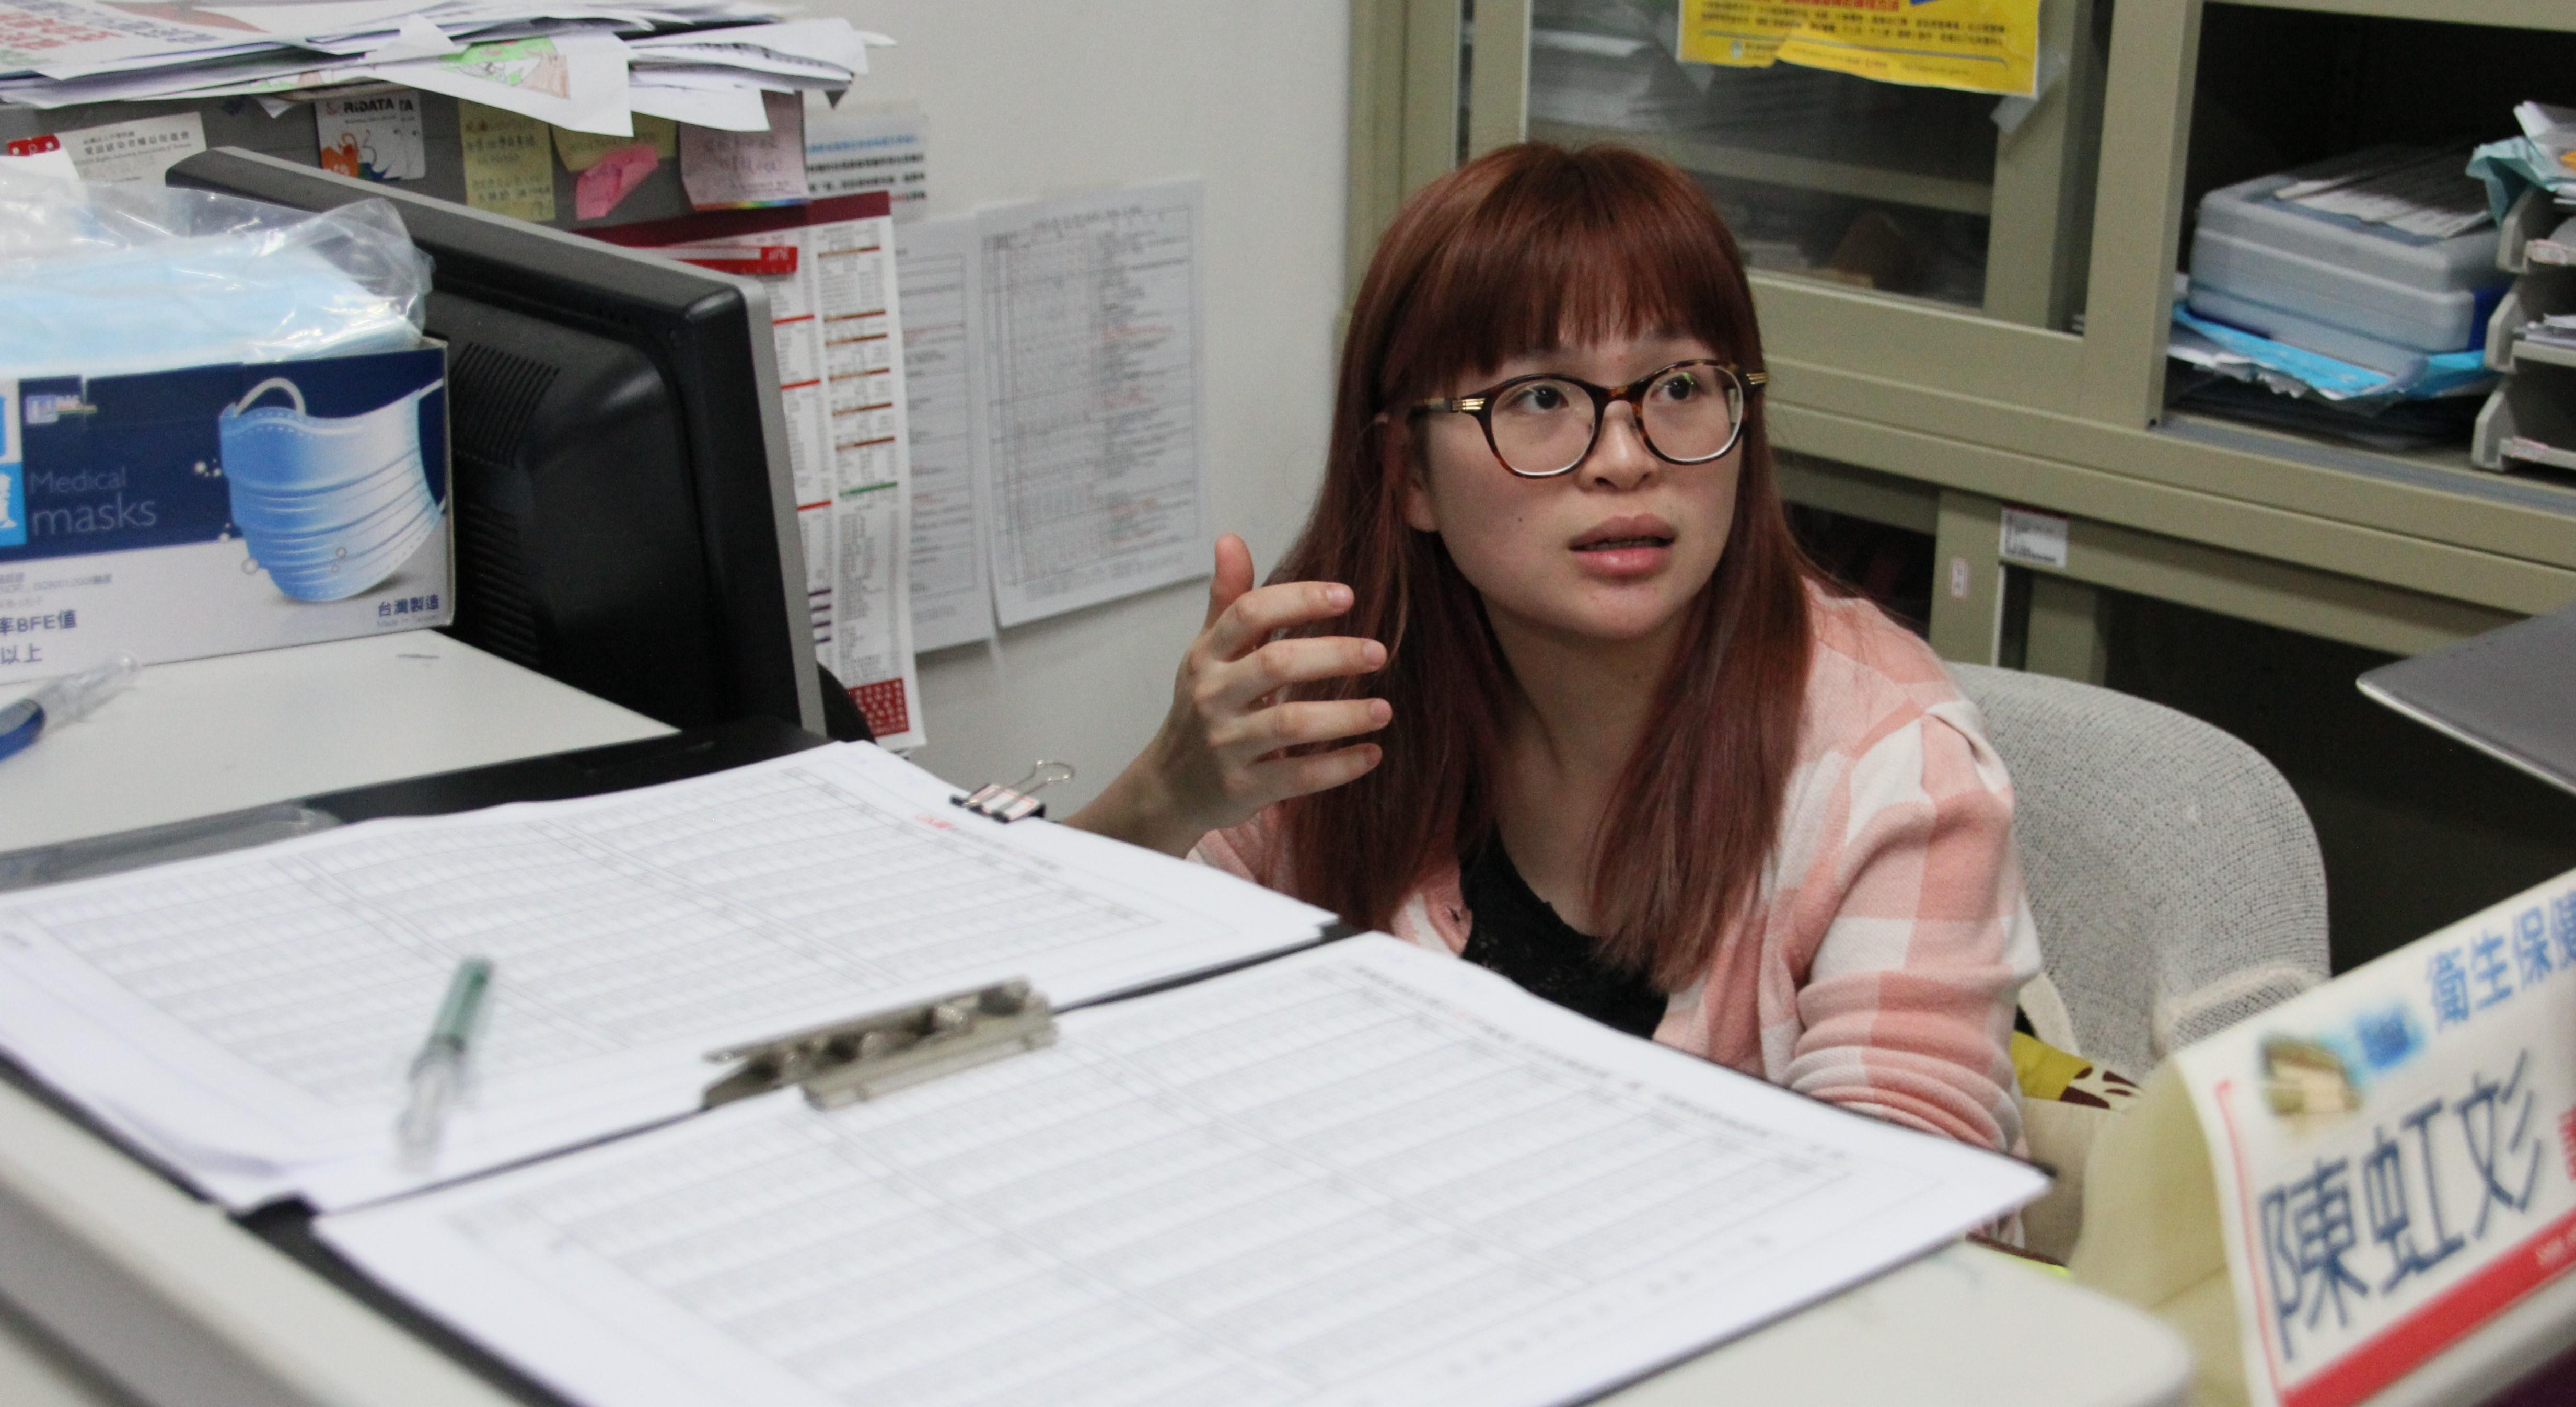 世新大學衛保組陳虹彣護理師。攝影/張友宣